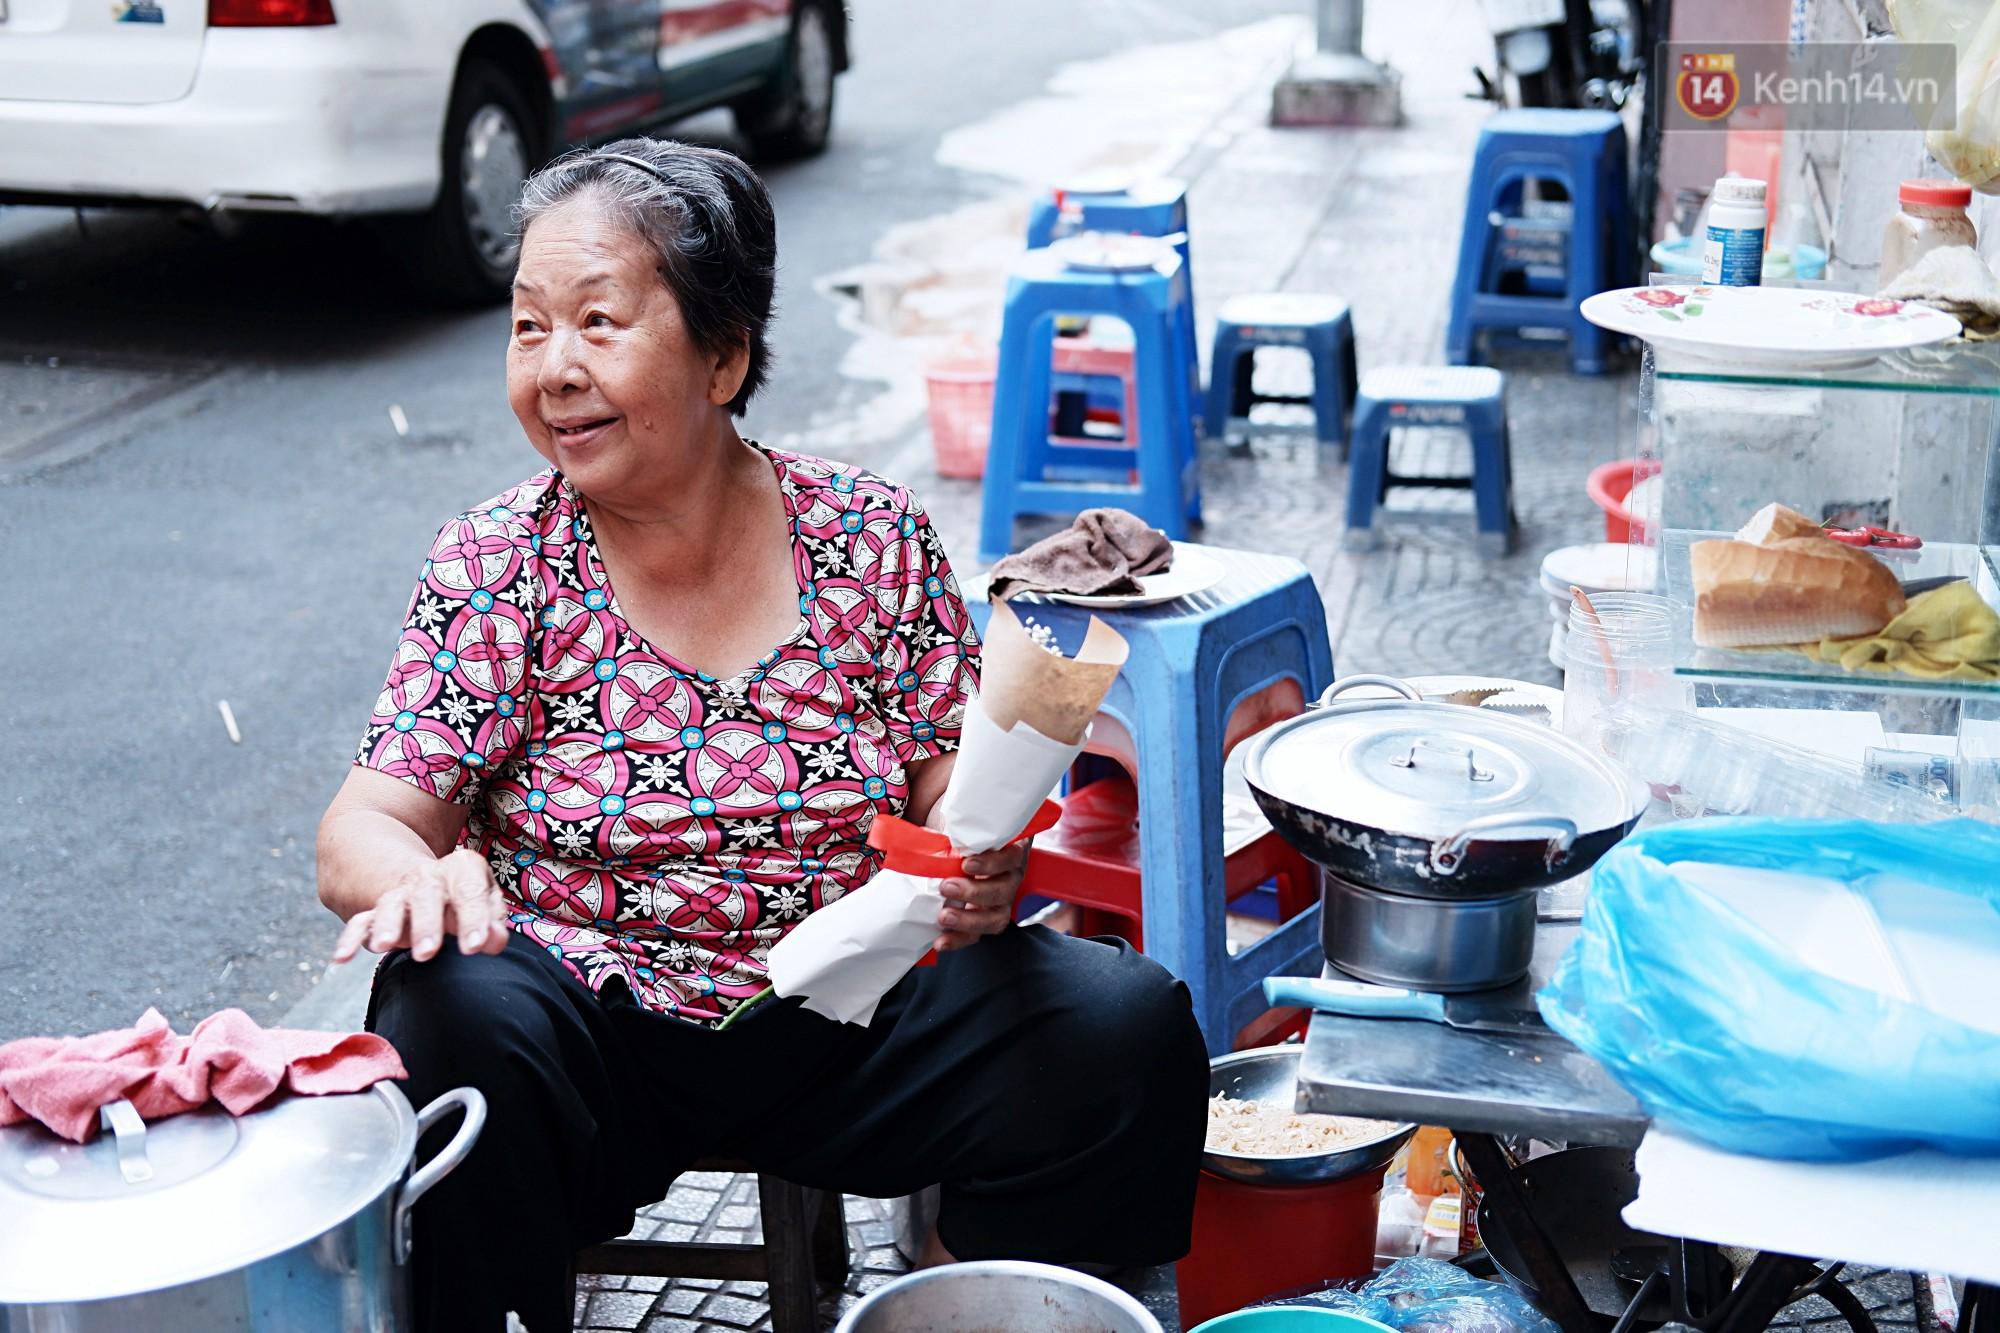 Nụ cười và giọt nước mắt của những người phụ nữ lam lũ trên đường phố Sài Gòn khi được tặng hoa 8/3 - Ảnh 2.